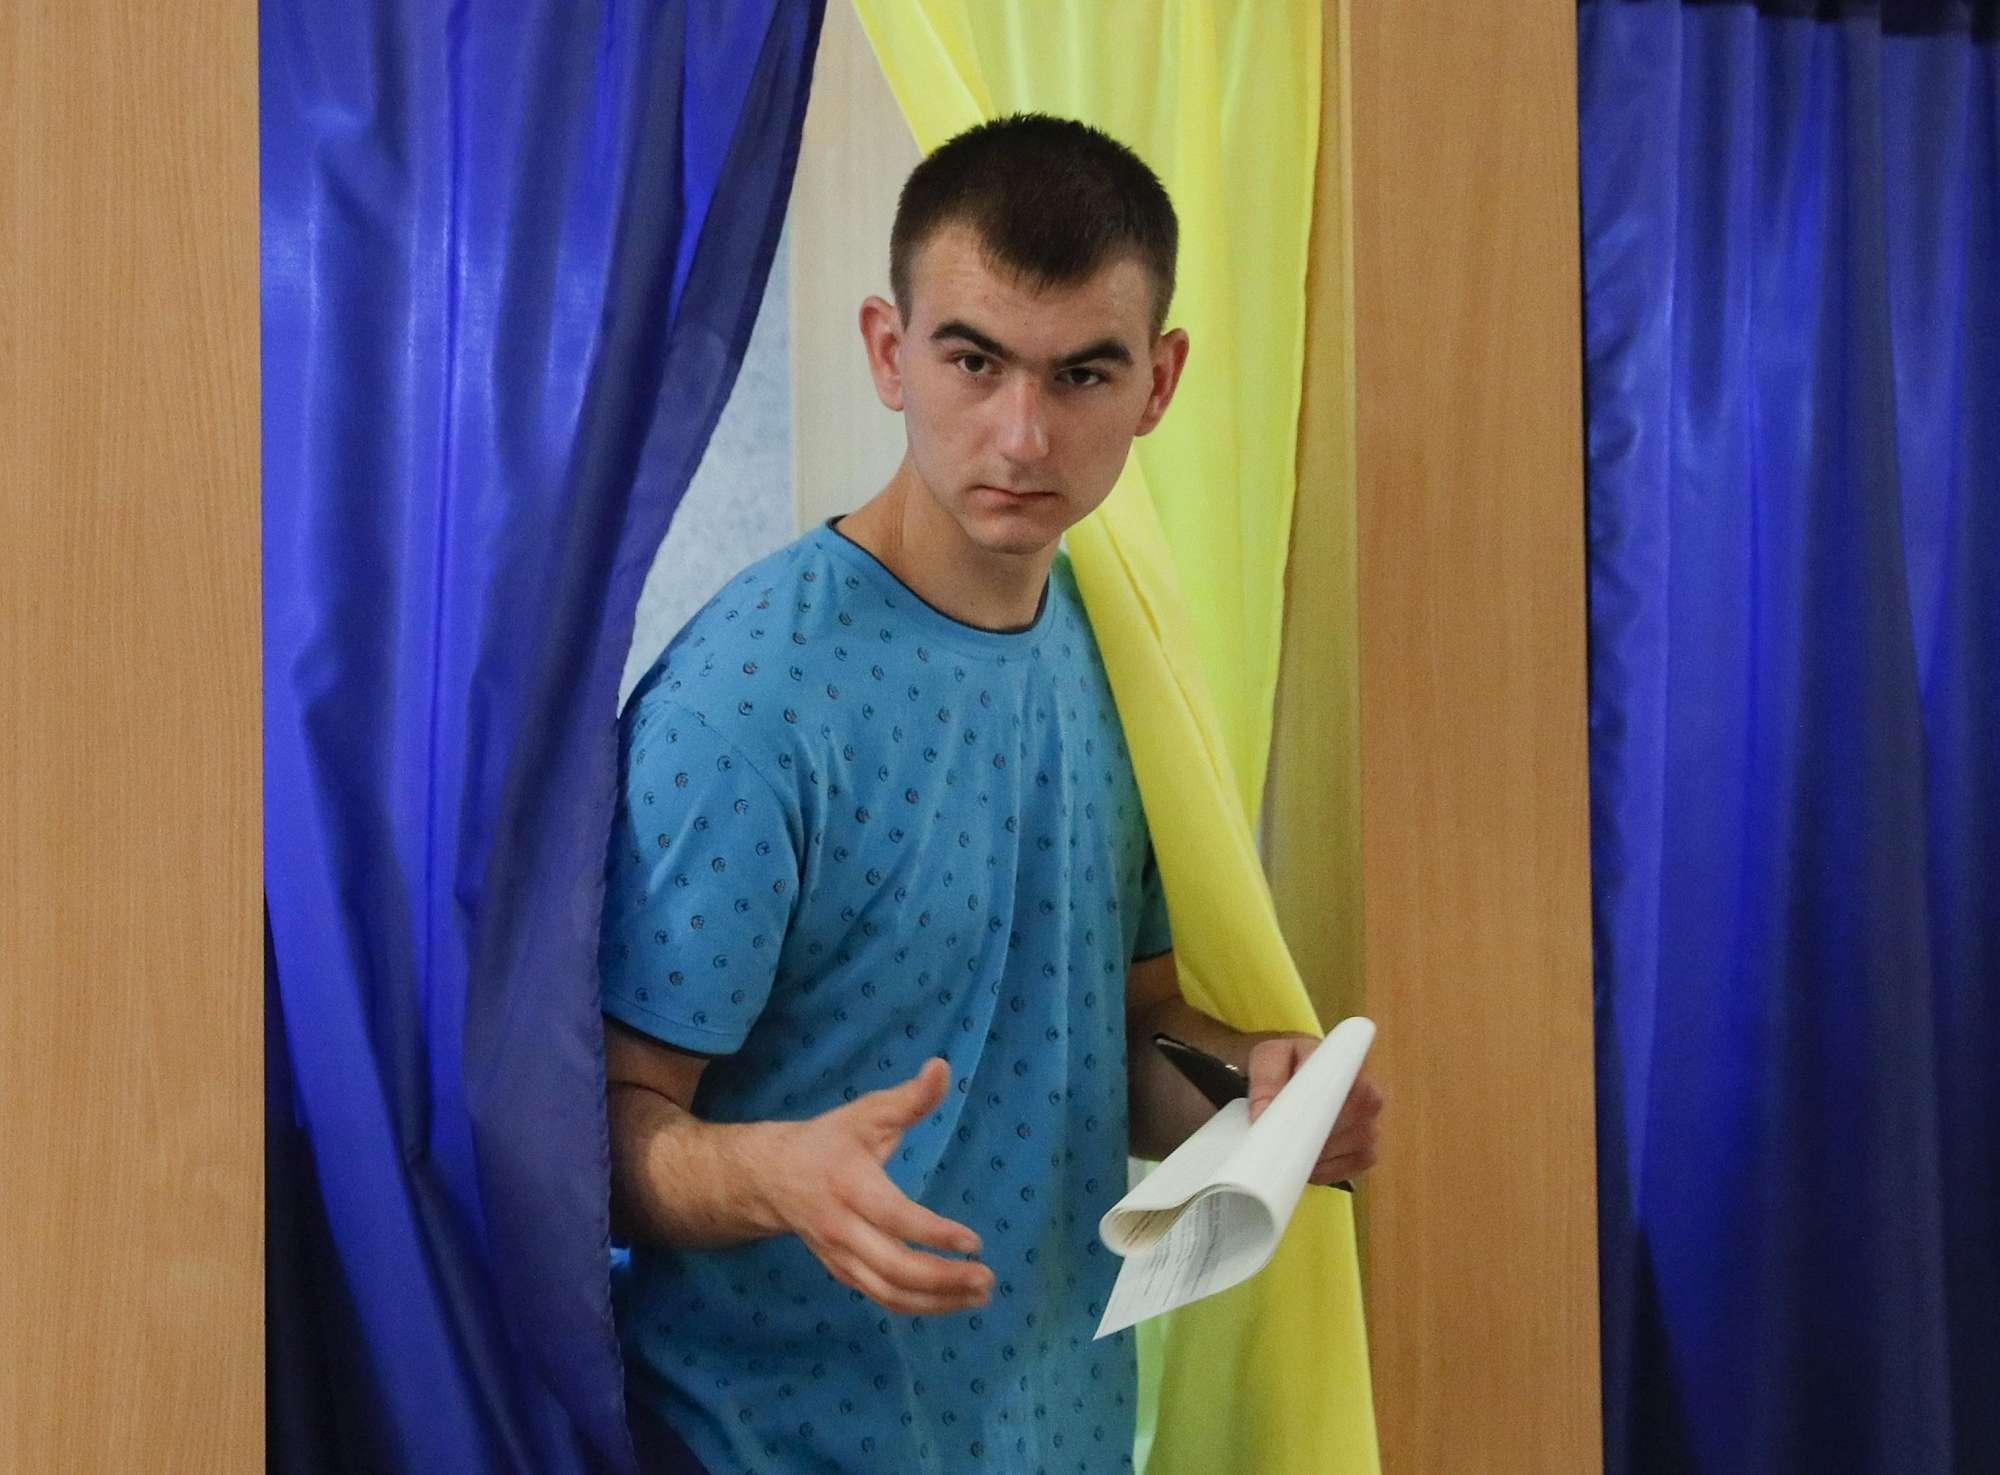 Ucraina al voto politico, favorito il partito del nuovo presidente Zelensky